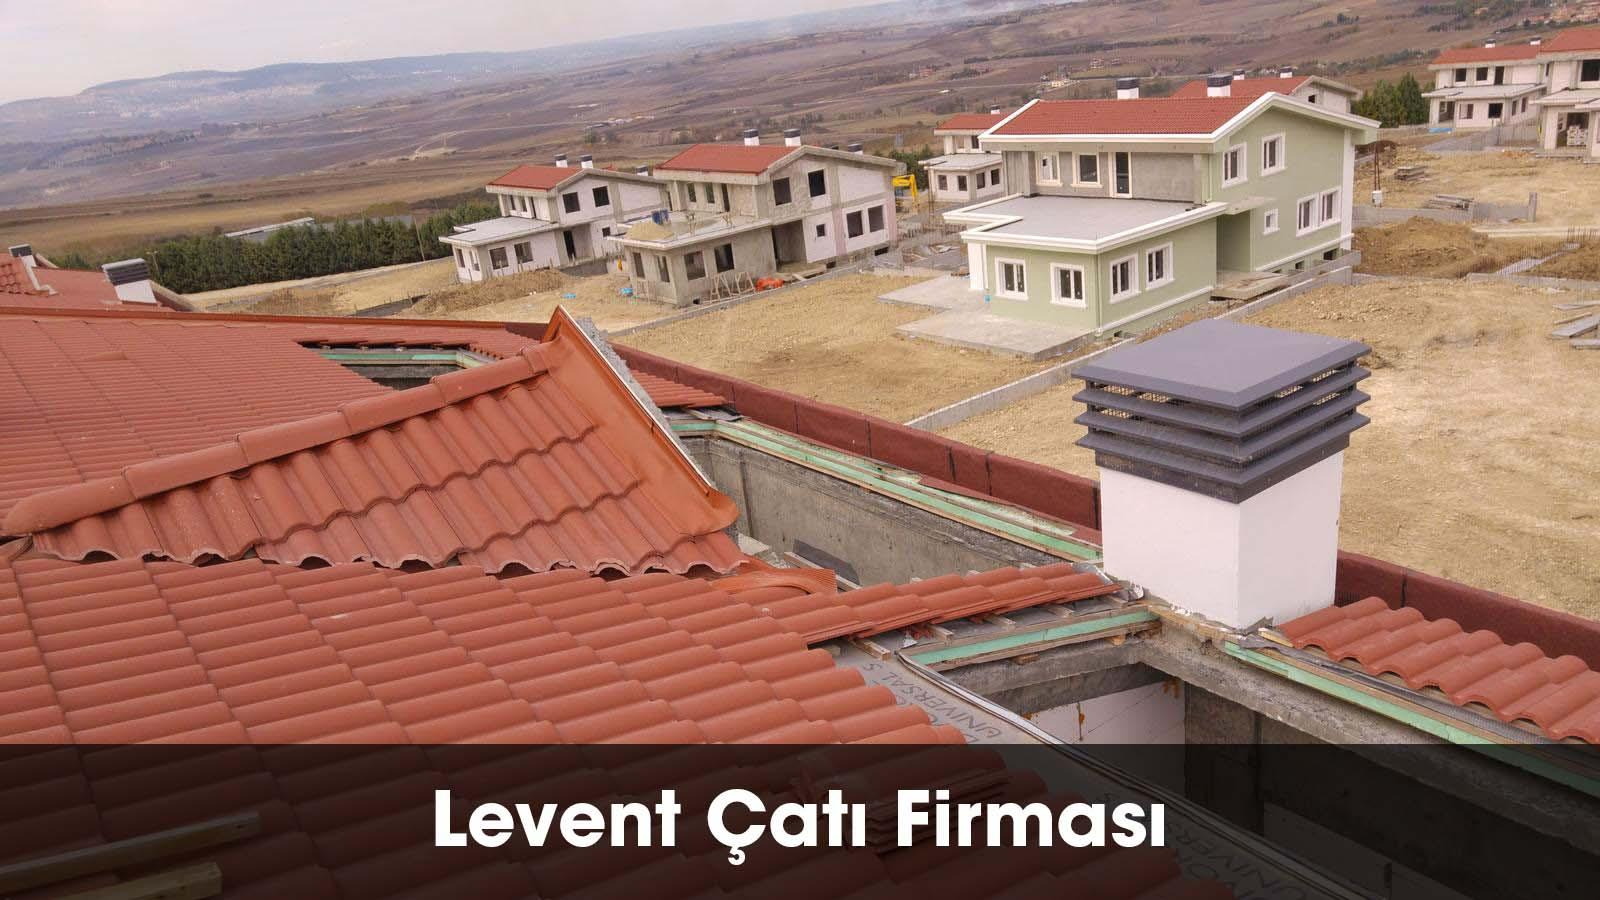 Levent çatı firması